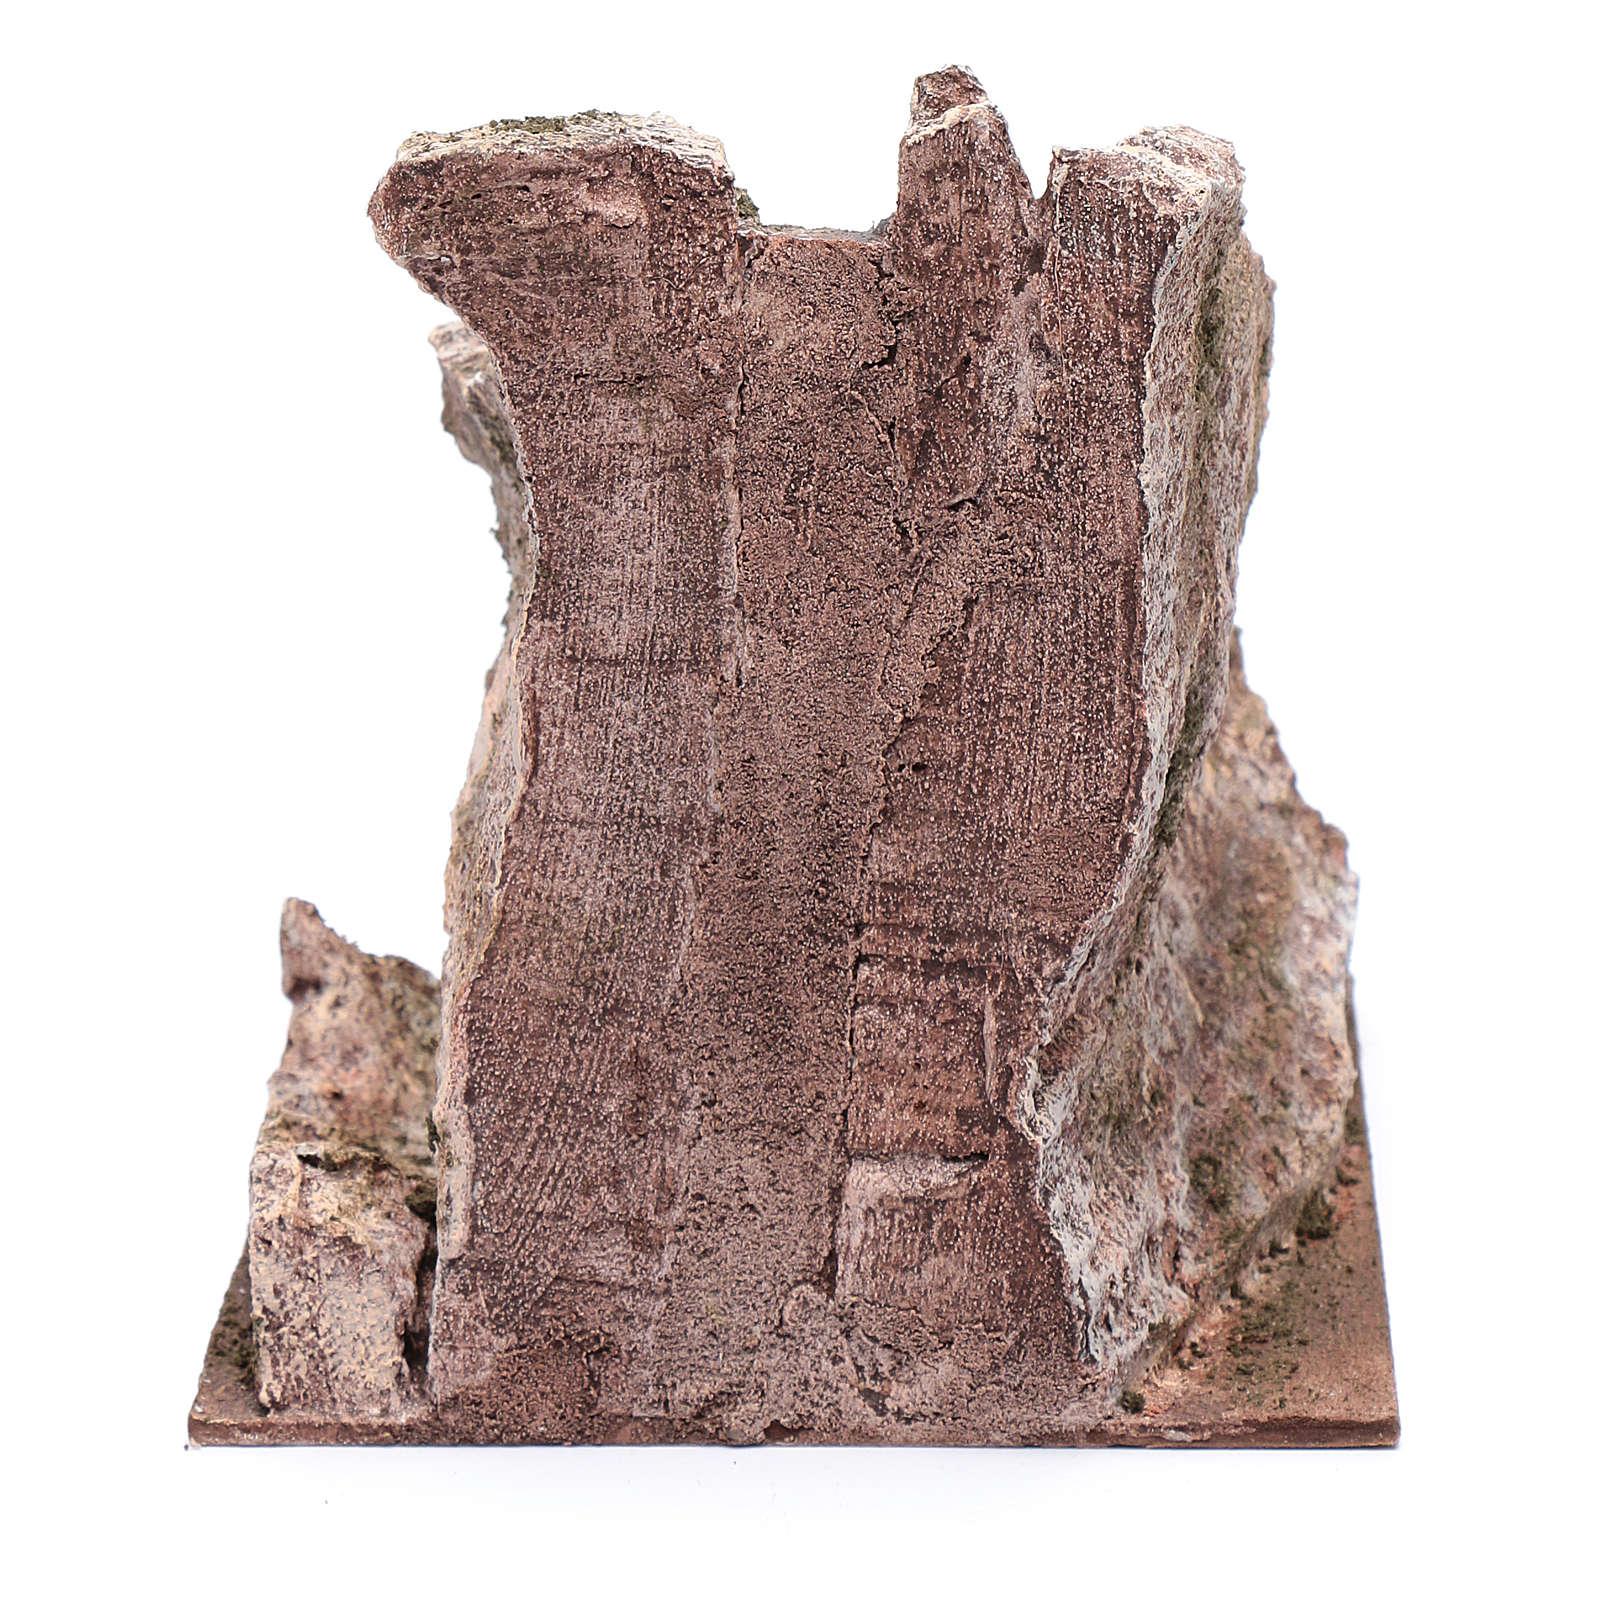 Escalera antigua tipo roca belén 20x20x25 cm 4